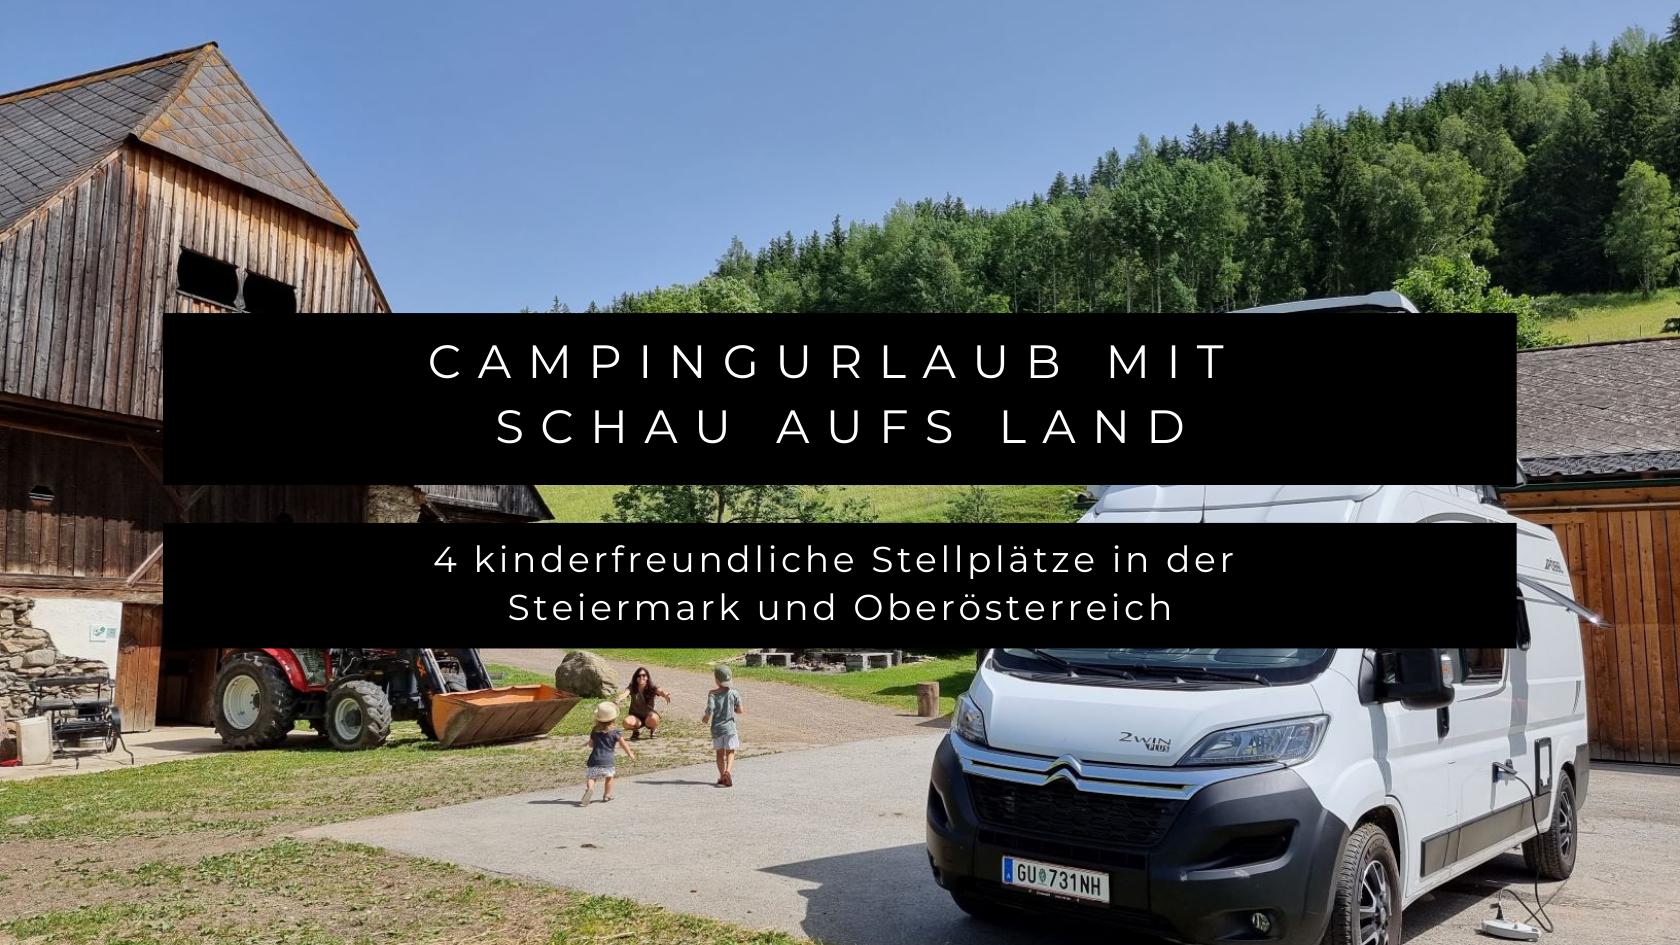 Campingurlaub mit Schau aufs Land - 4 kinderfreundliche Stellplätze in der Steiermark und Oberösterreich